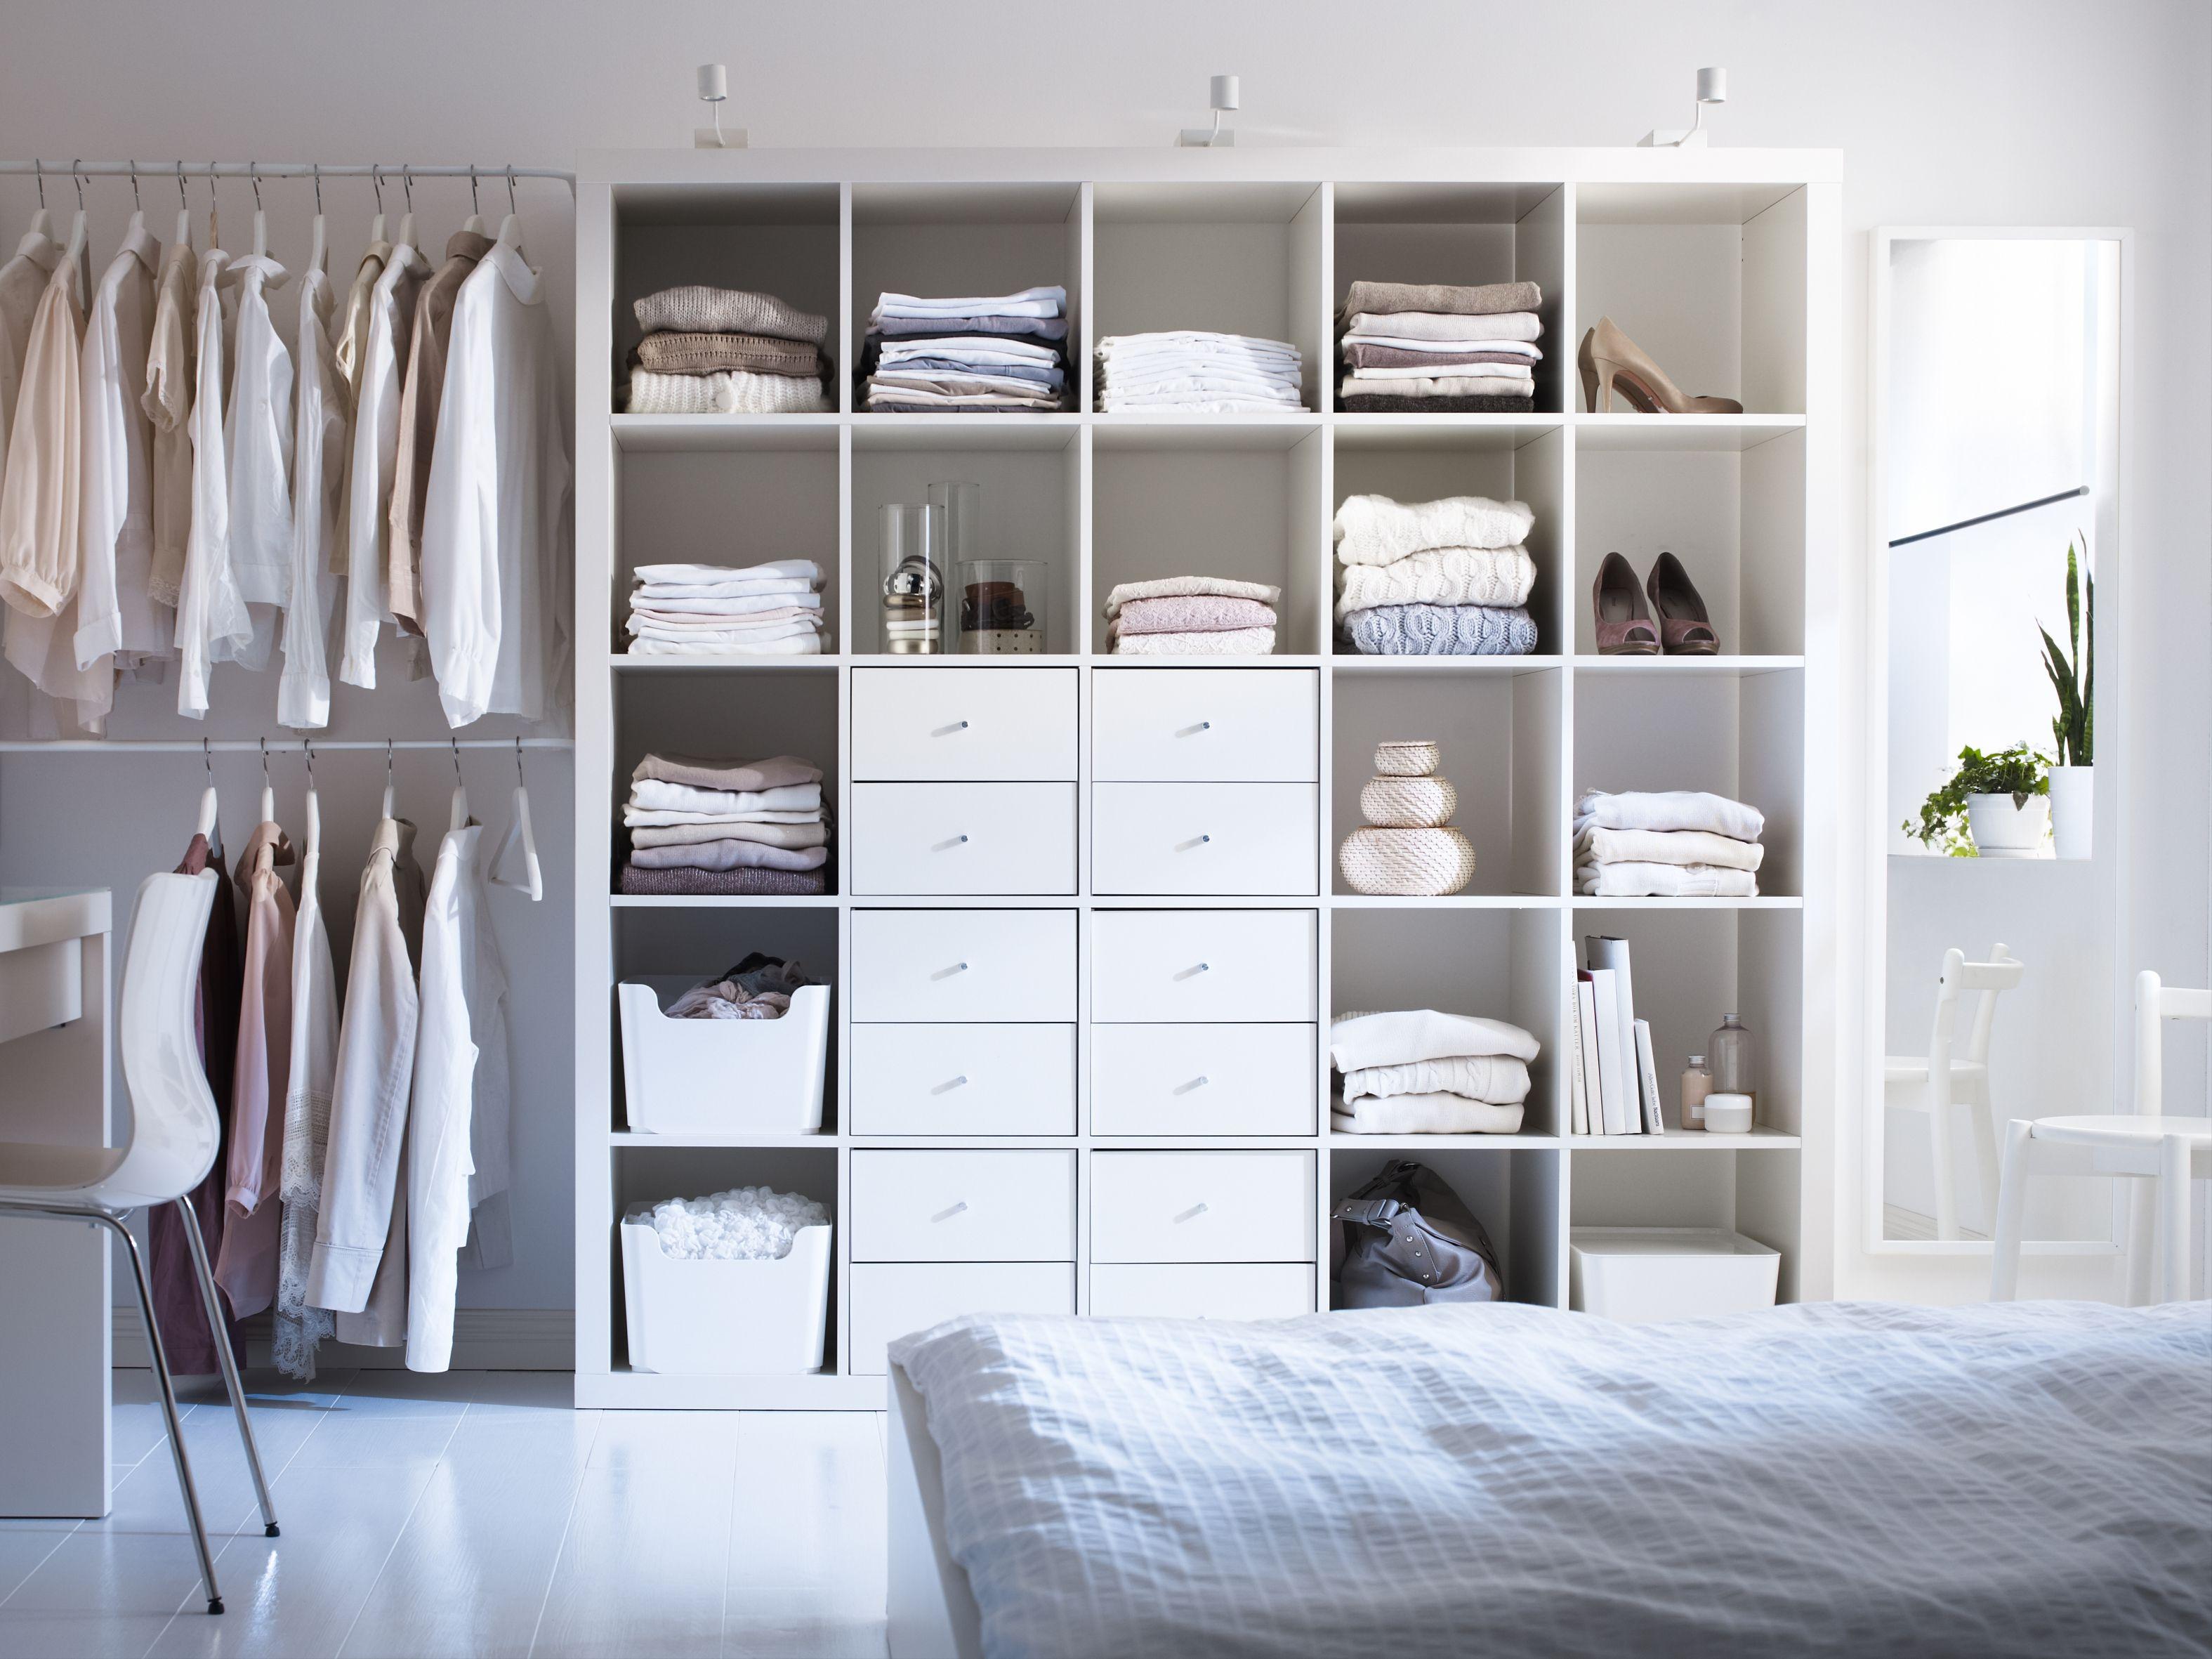 Slaapkamer Met Kledingkast : Gebruik de expedit kast als overzichtelijke kledingkast in je